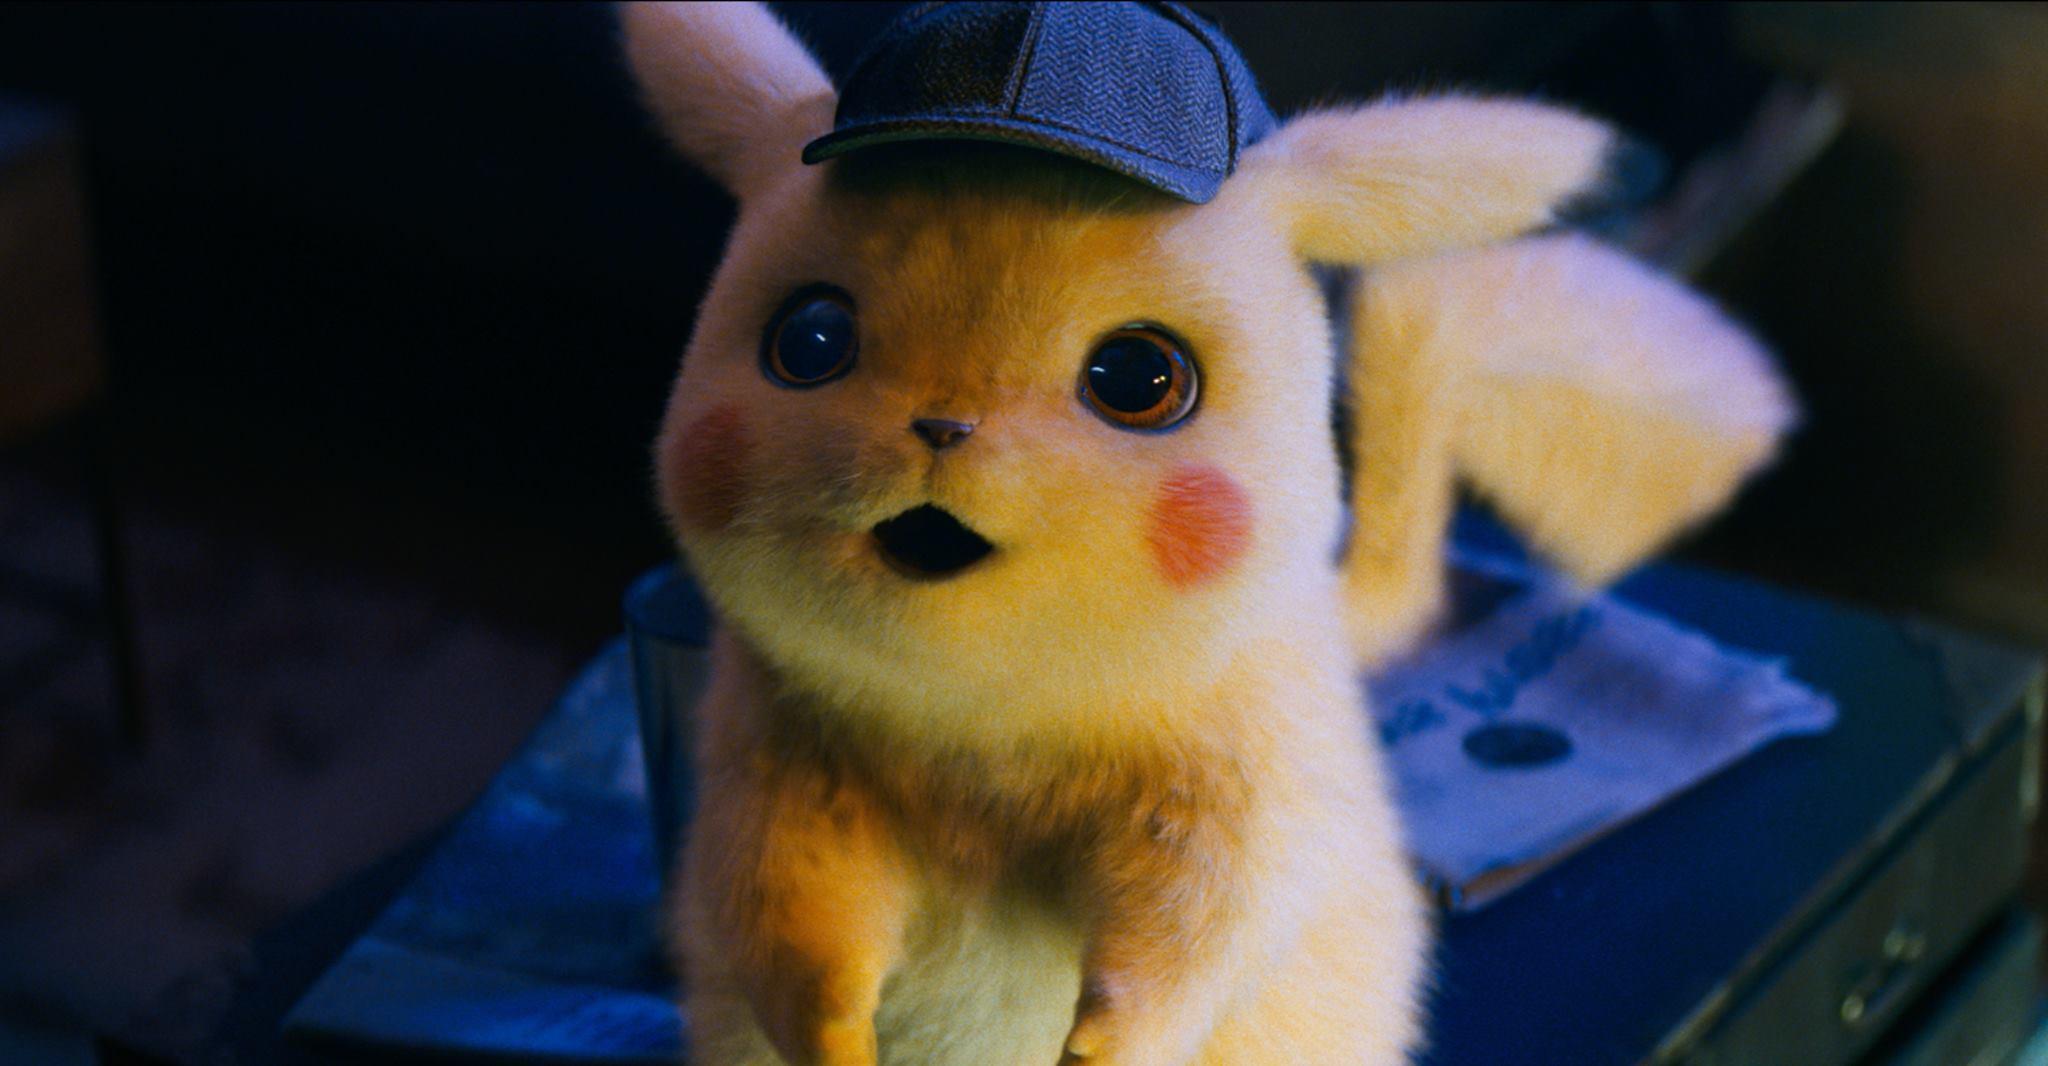 Le nouveau trailer du détective Pikachu présente un design impressionnant de personnages.